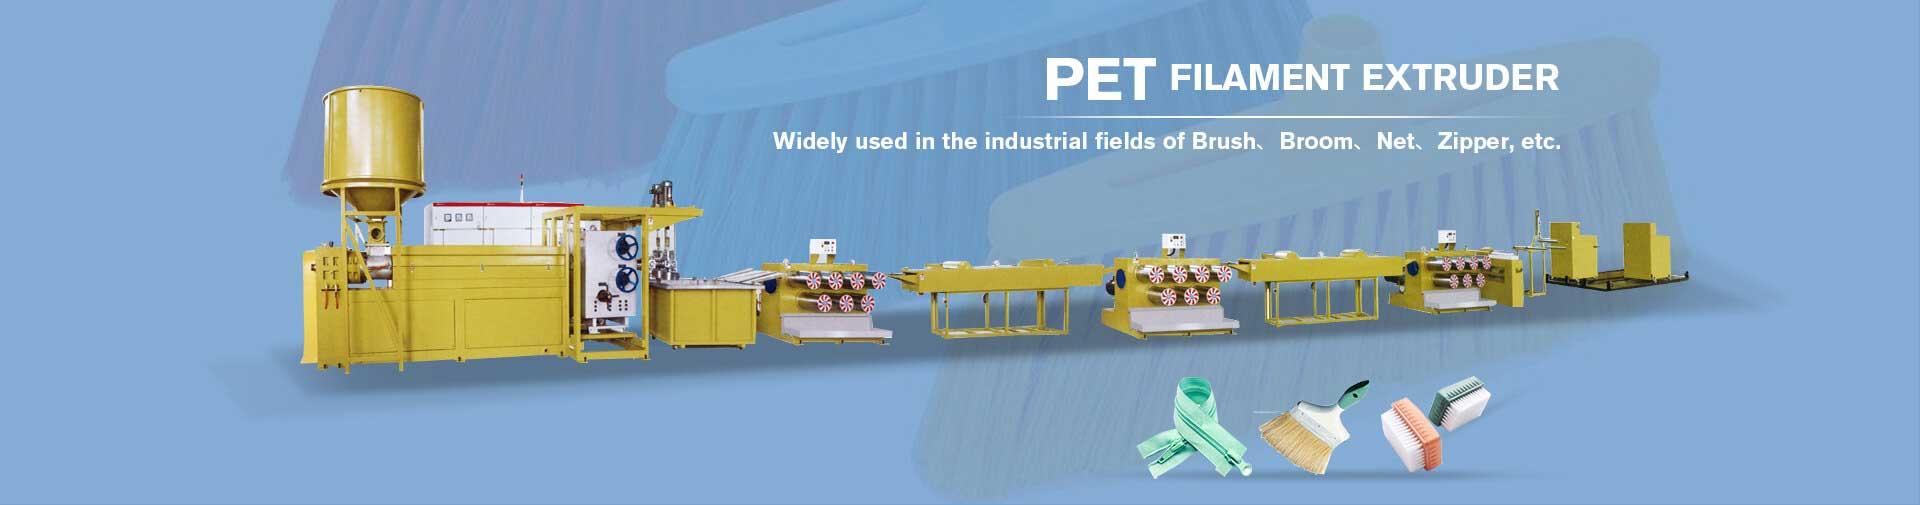 PET Filament Extruder